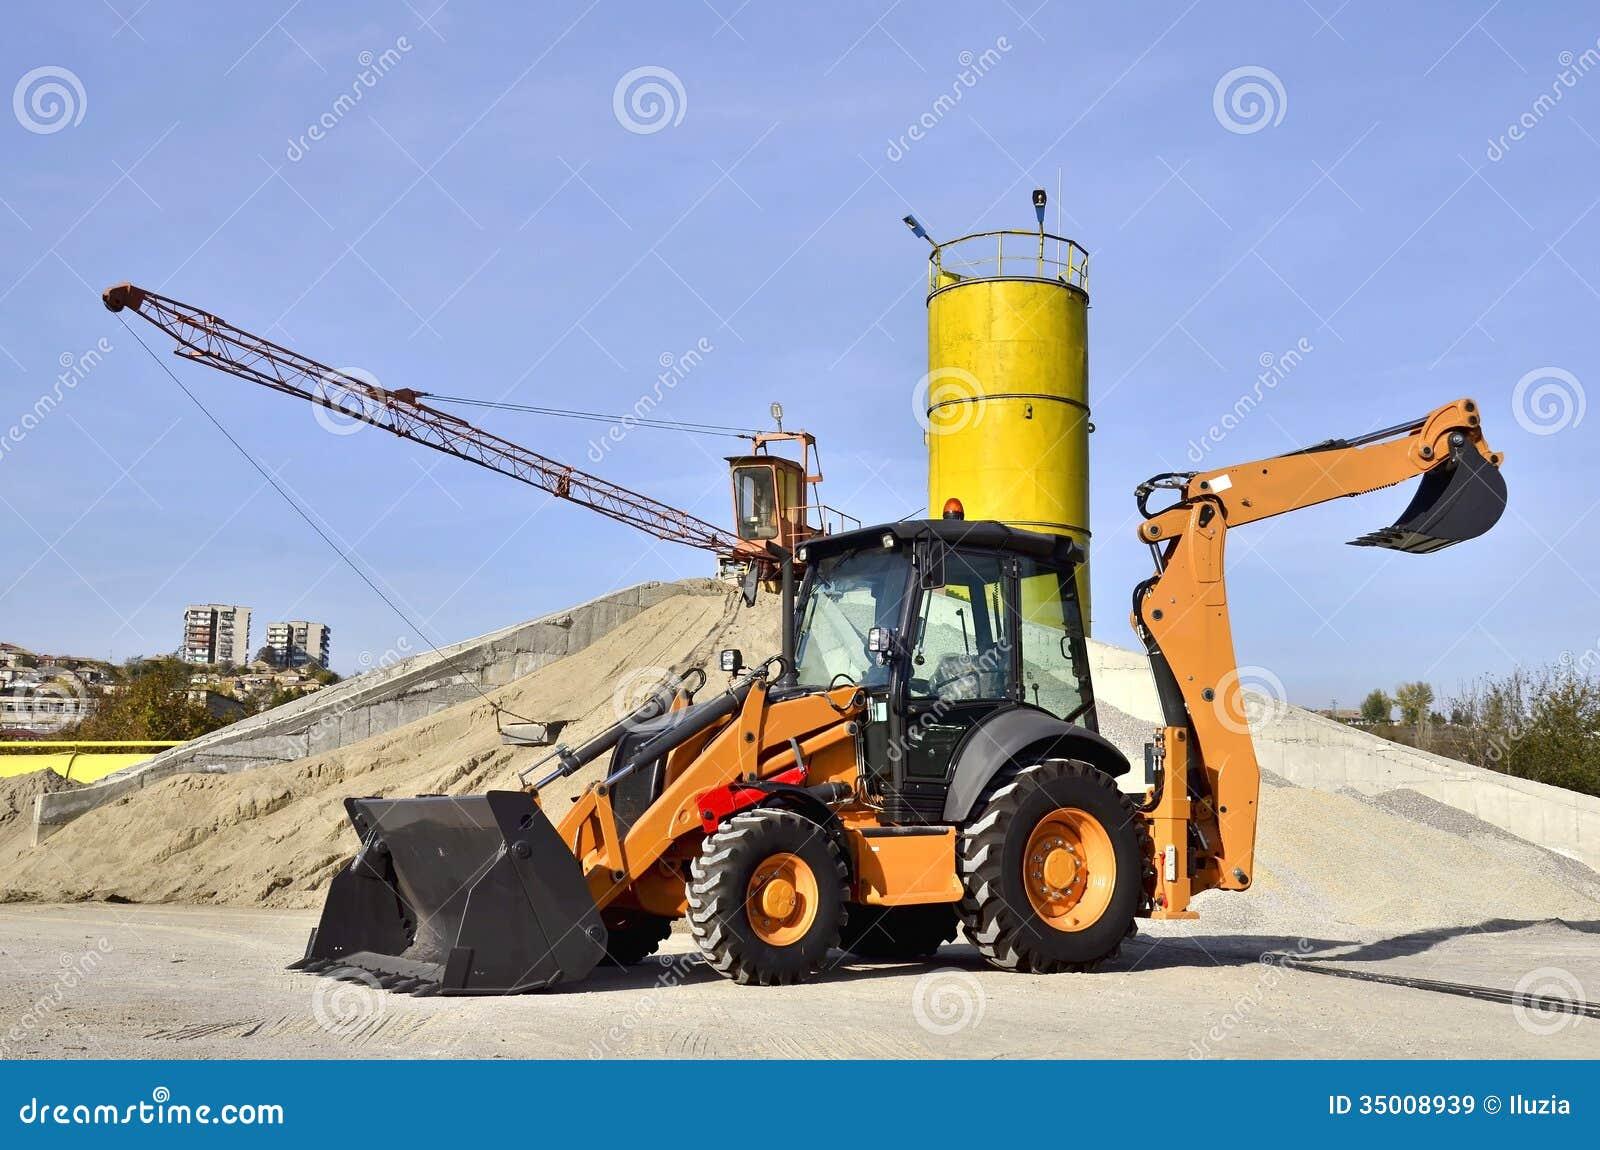 Concrete Plant Loader : Wheel loader excavator royalty free stock images image